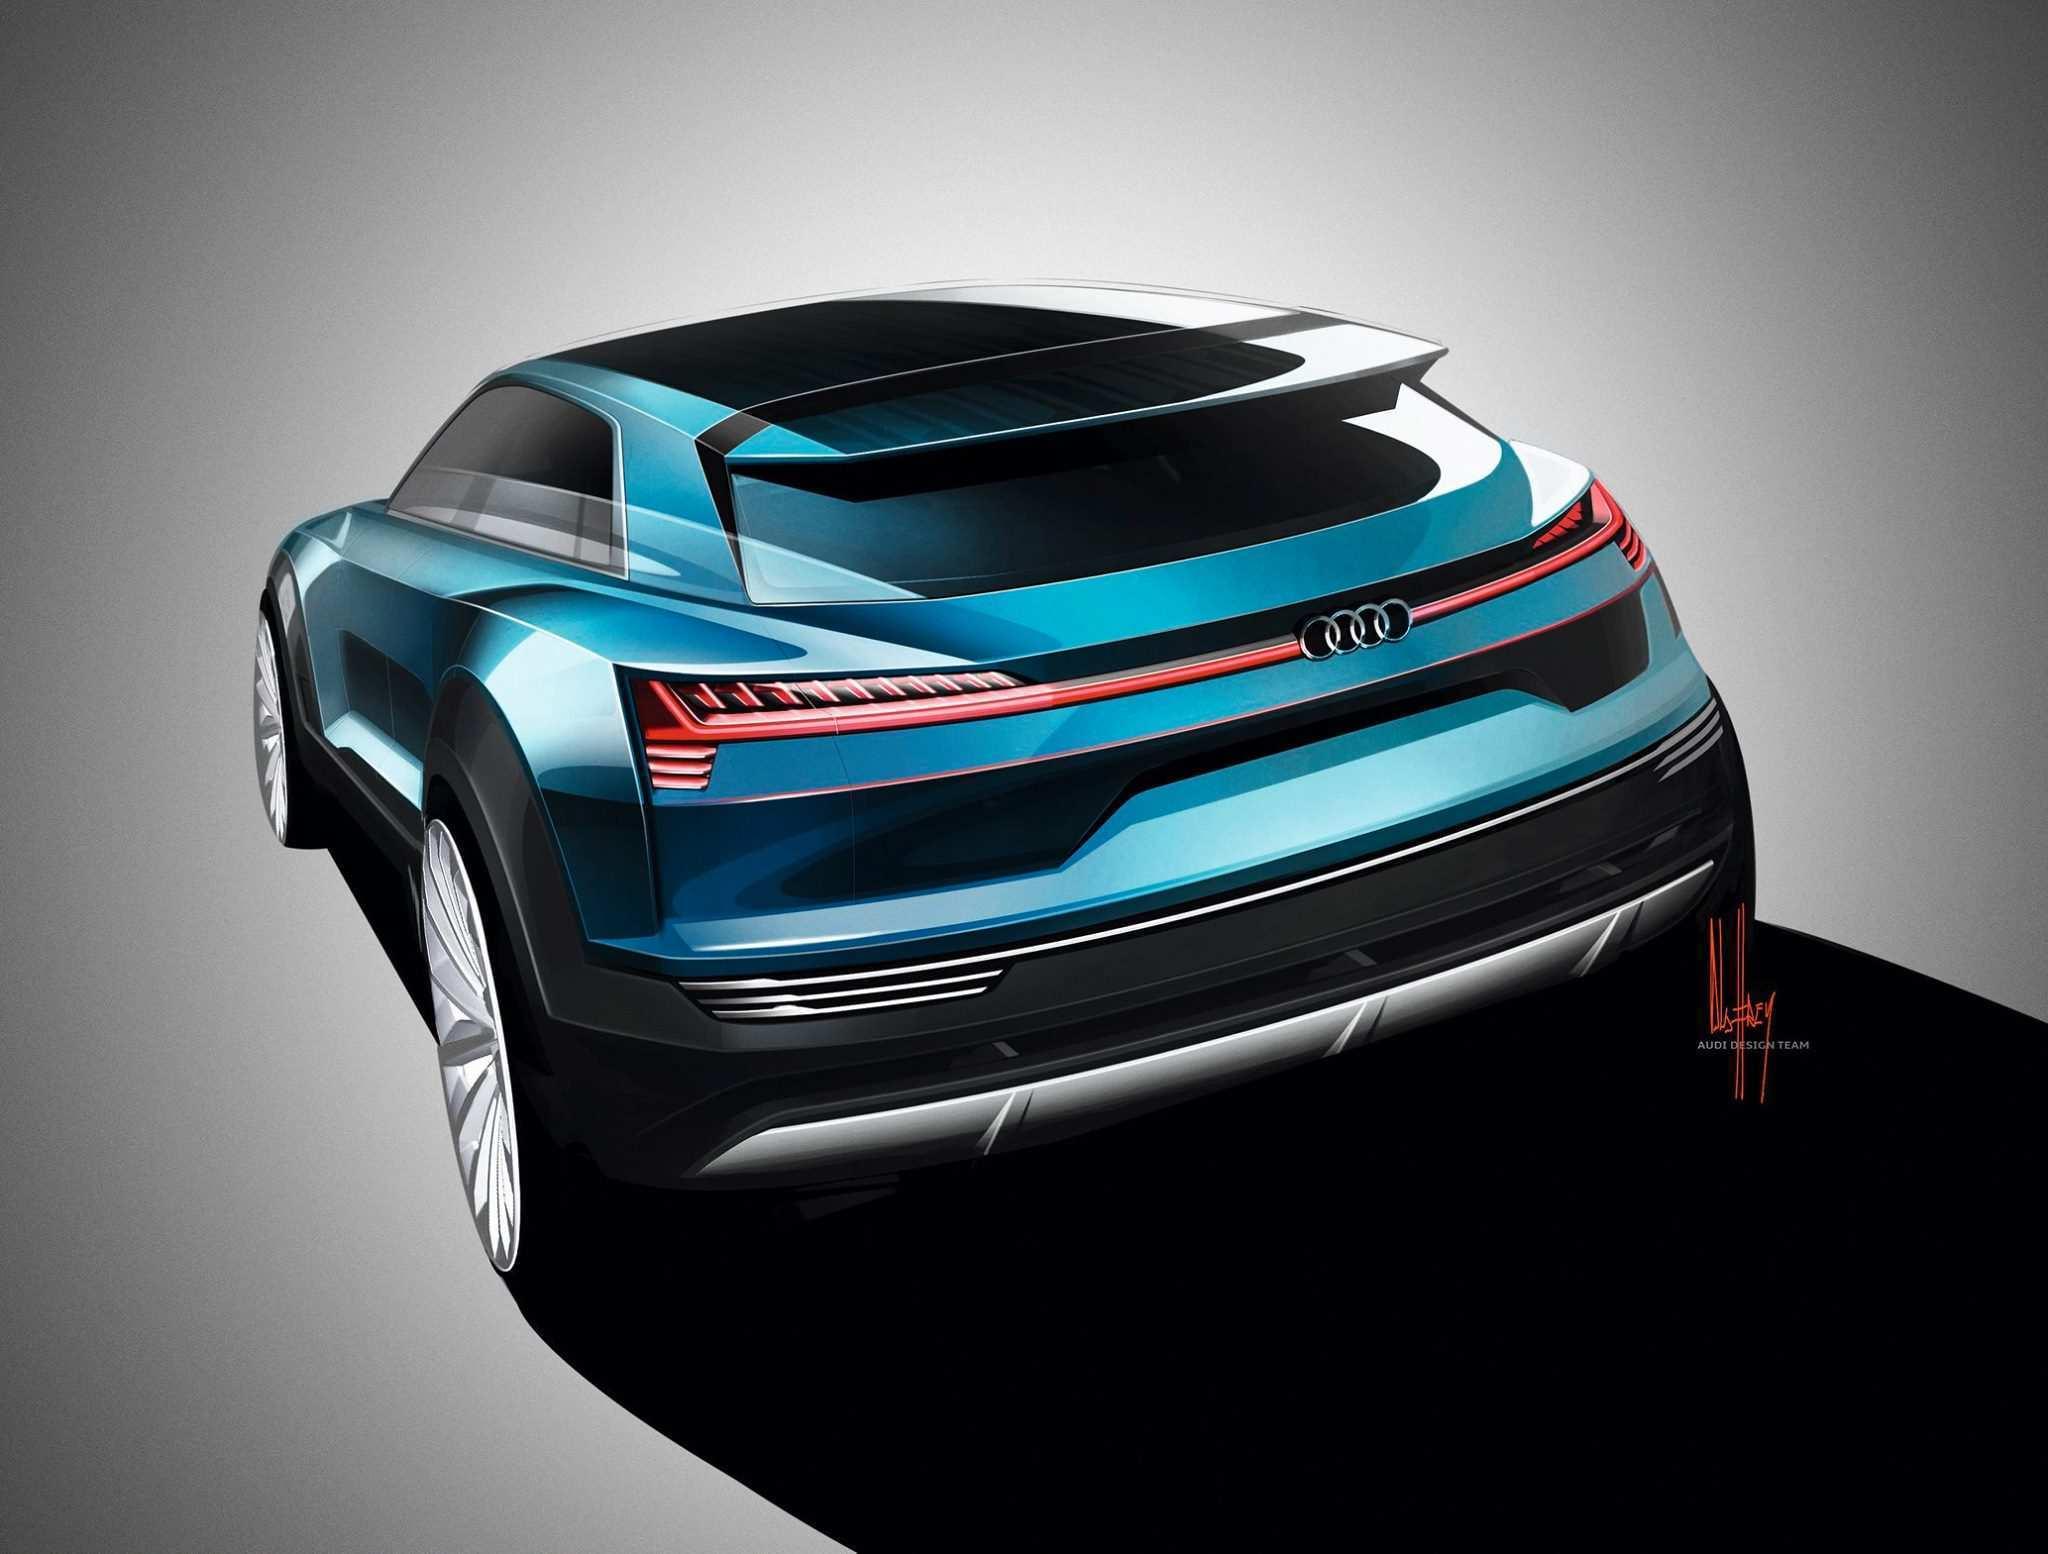 55 New Volkswagen 2020 Concept Price with Volkswagen 2020 Concept